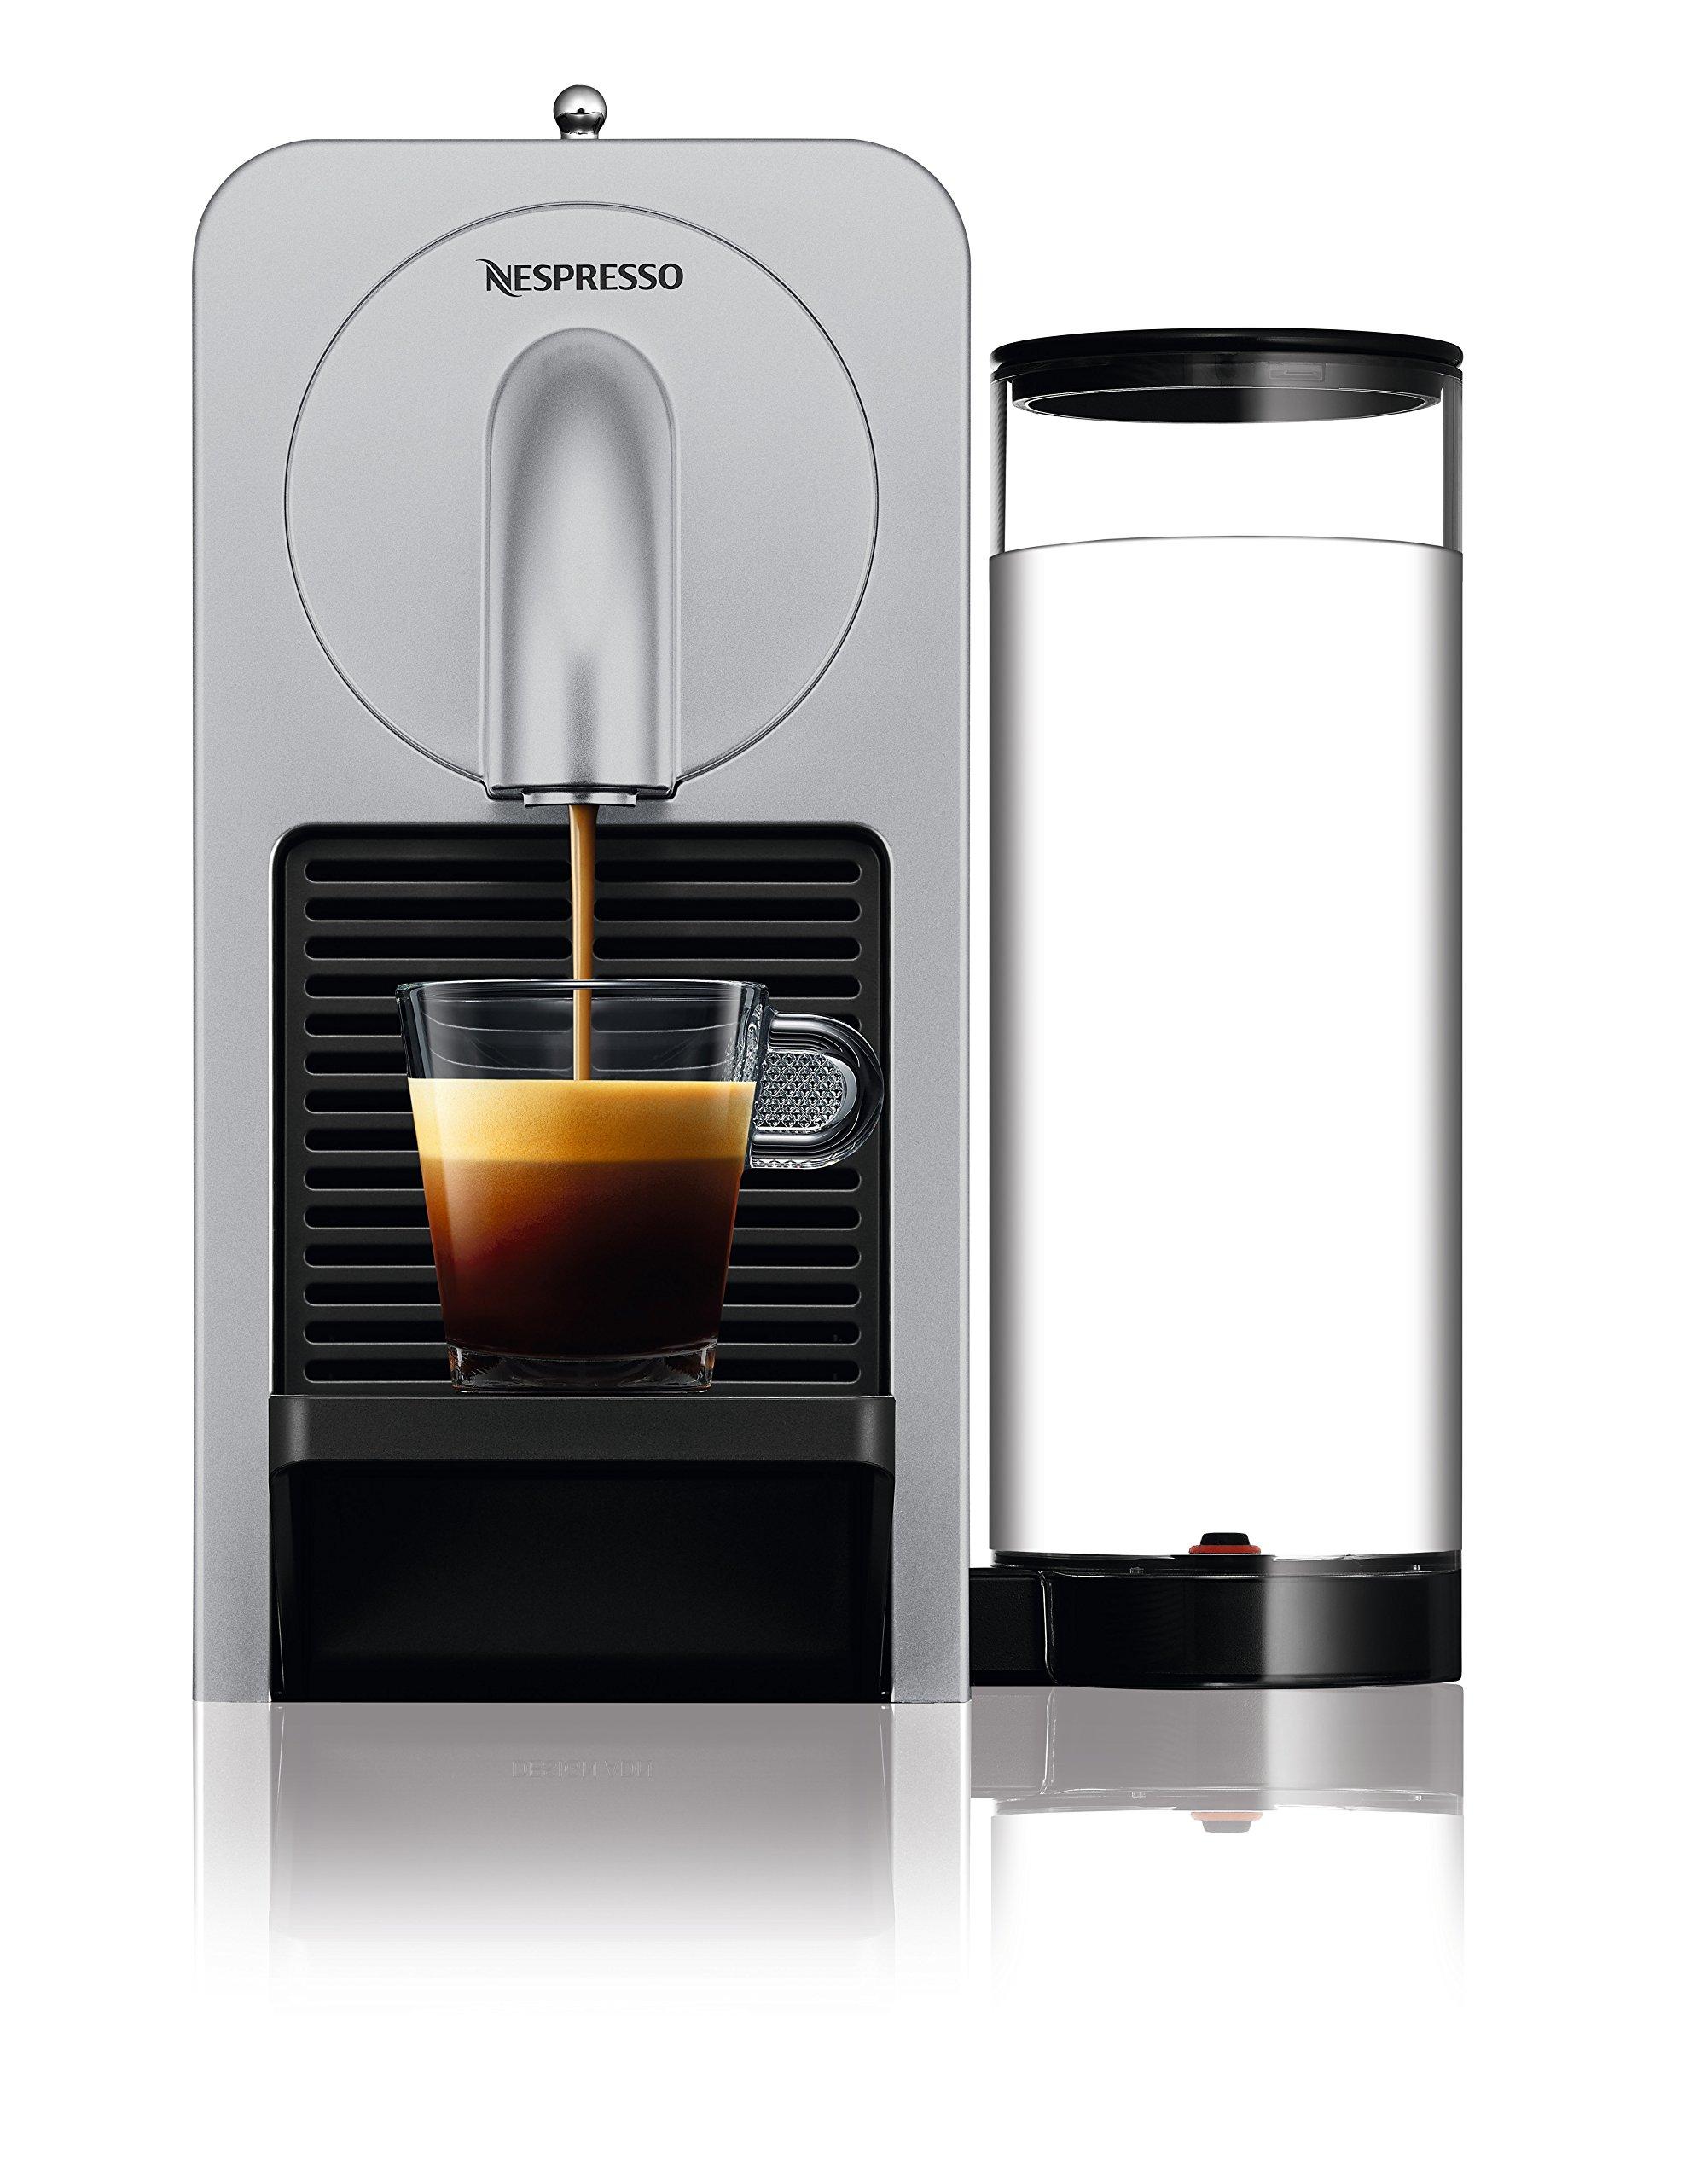 DeLonghi-EN-170S-Nespresso-Kapselmaschine-Prodigio-mit-Bluetooth-Appsteuerung